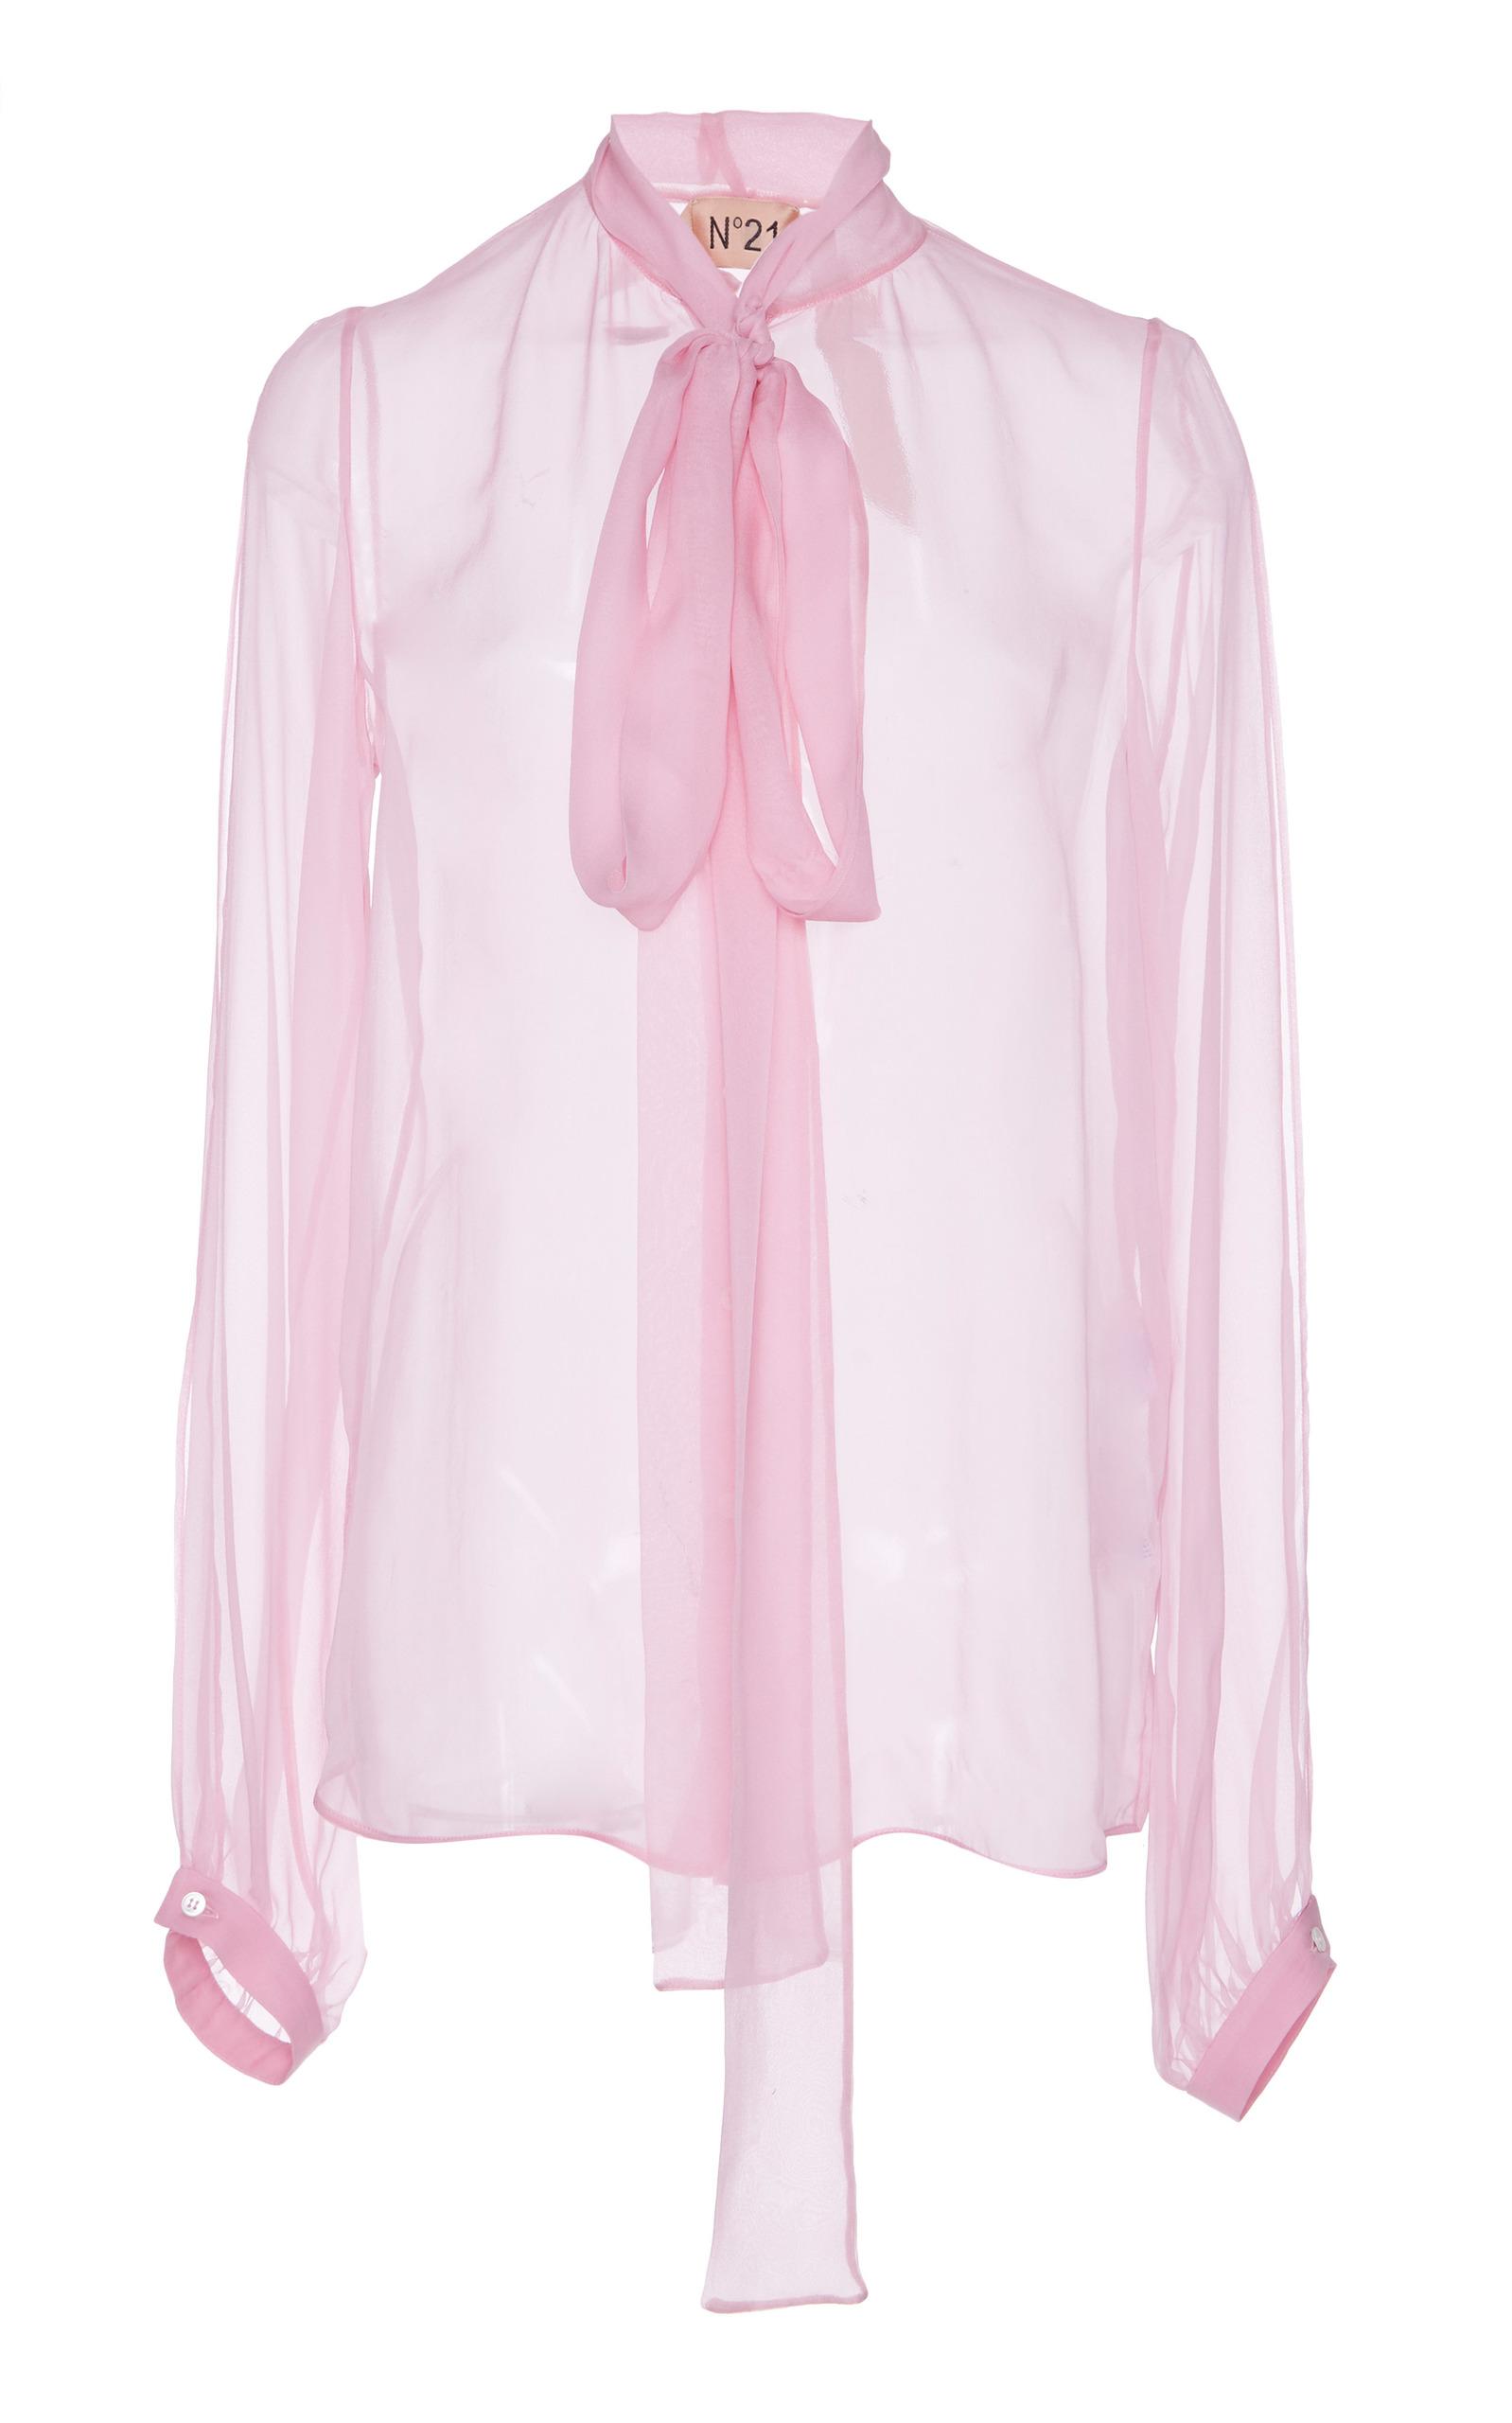 5baaf49ad146f9 Silk Organza Blouse by N°21